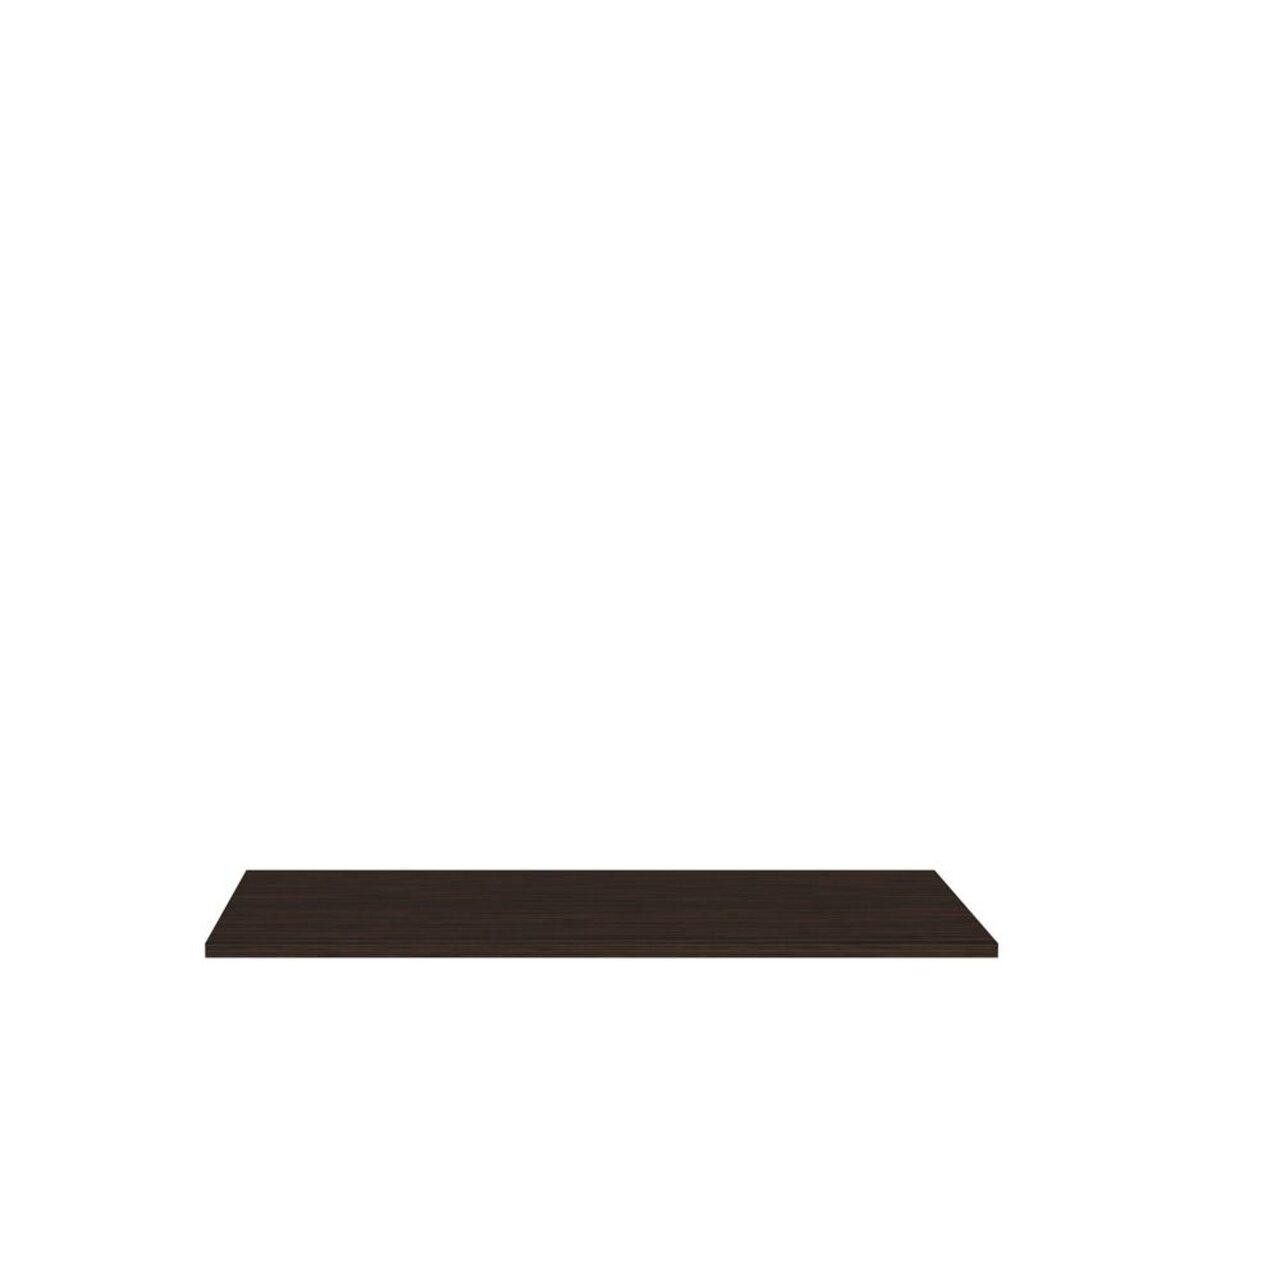 Топ декоративный для стеллажей  Бонд 176x46x4 - фото 3